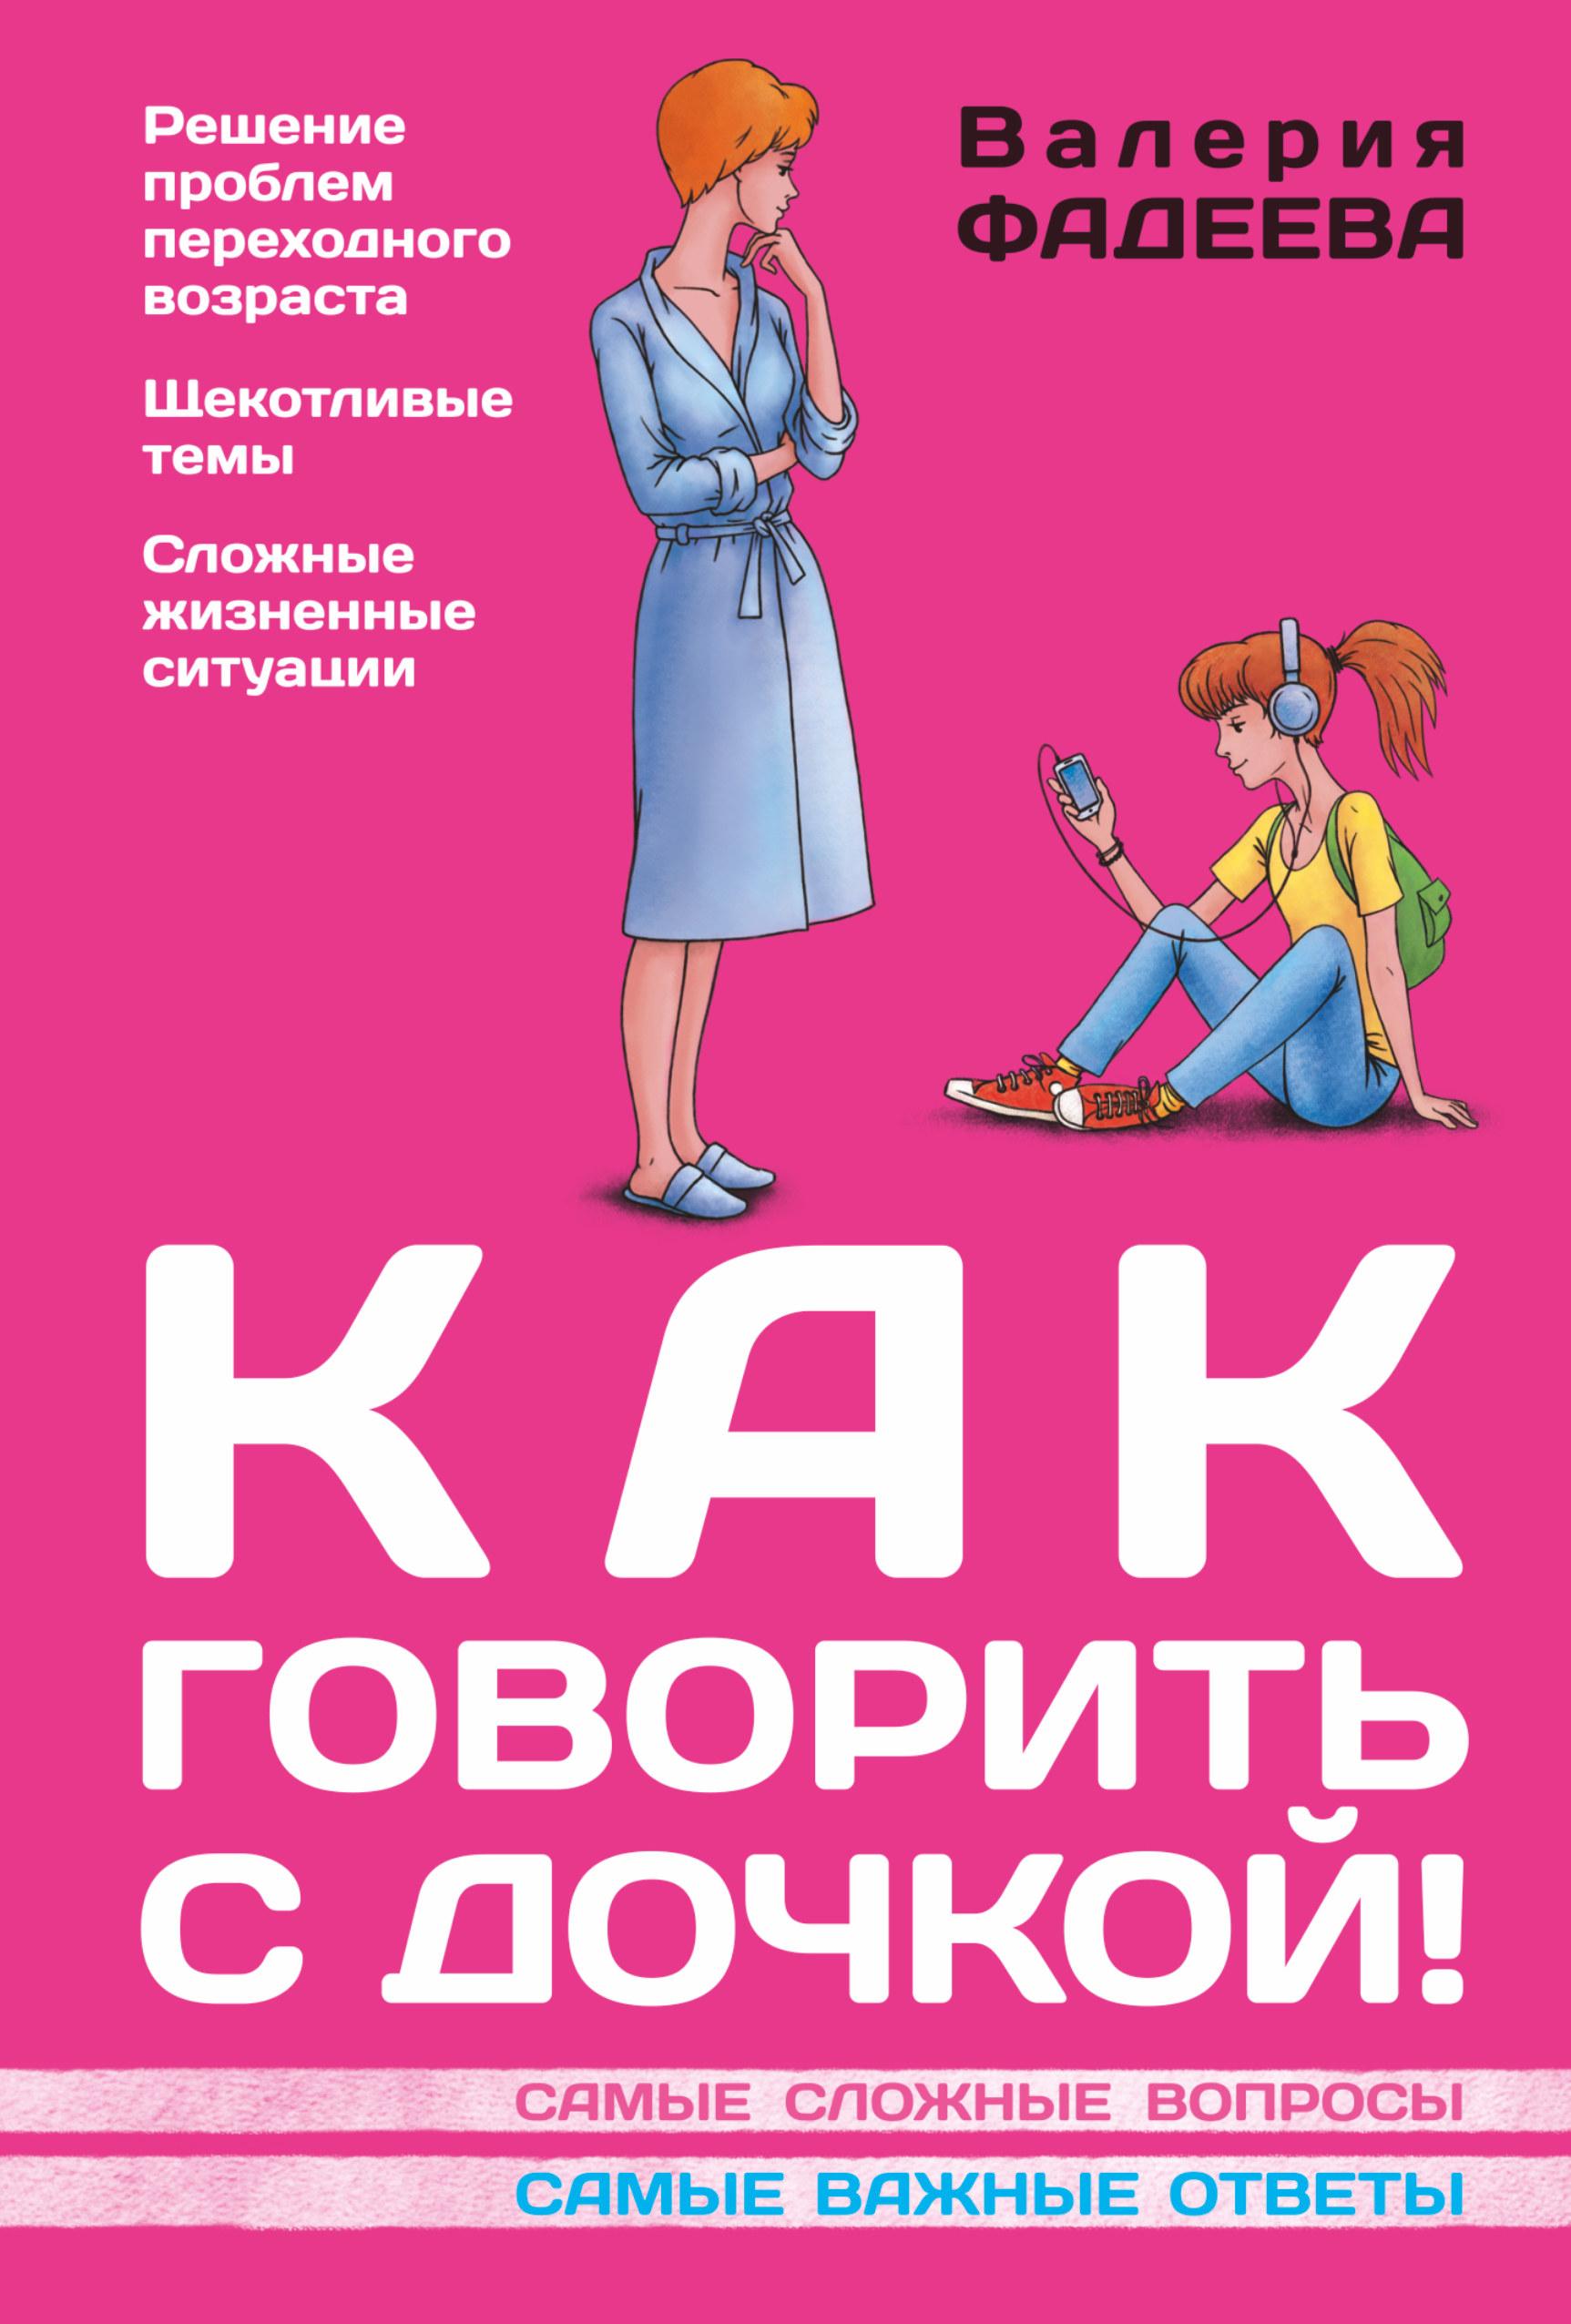 Фадеева В.В. Как говорить с дочкой! Самые сложные вопросы. Самые важные ответы